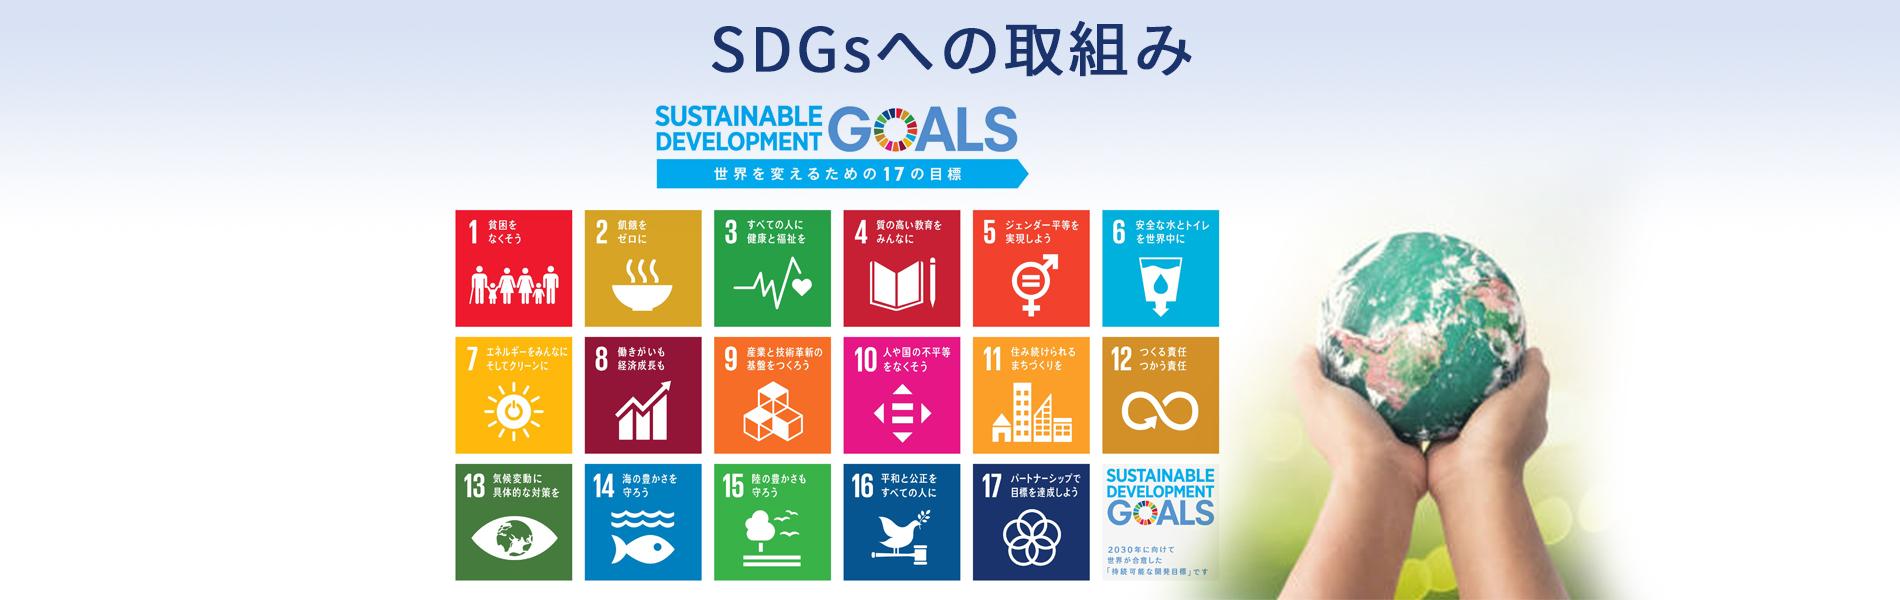 SDGsへの取組